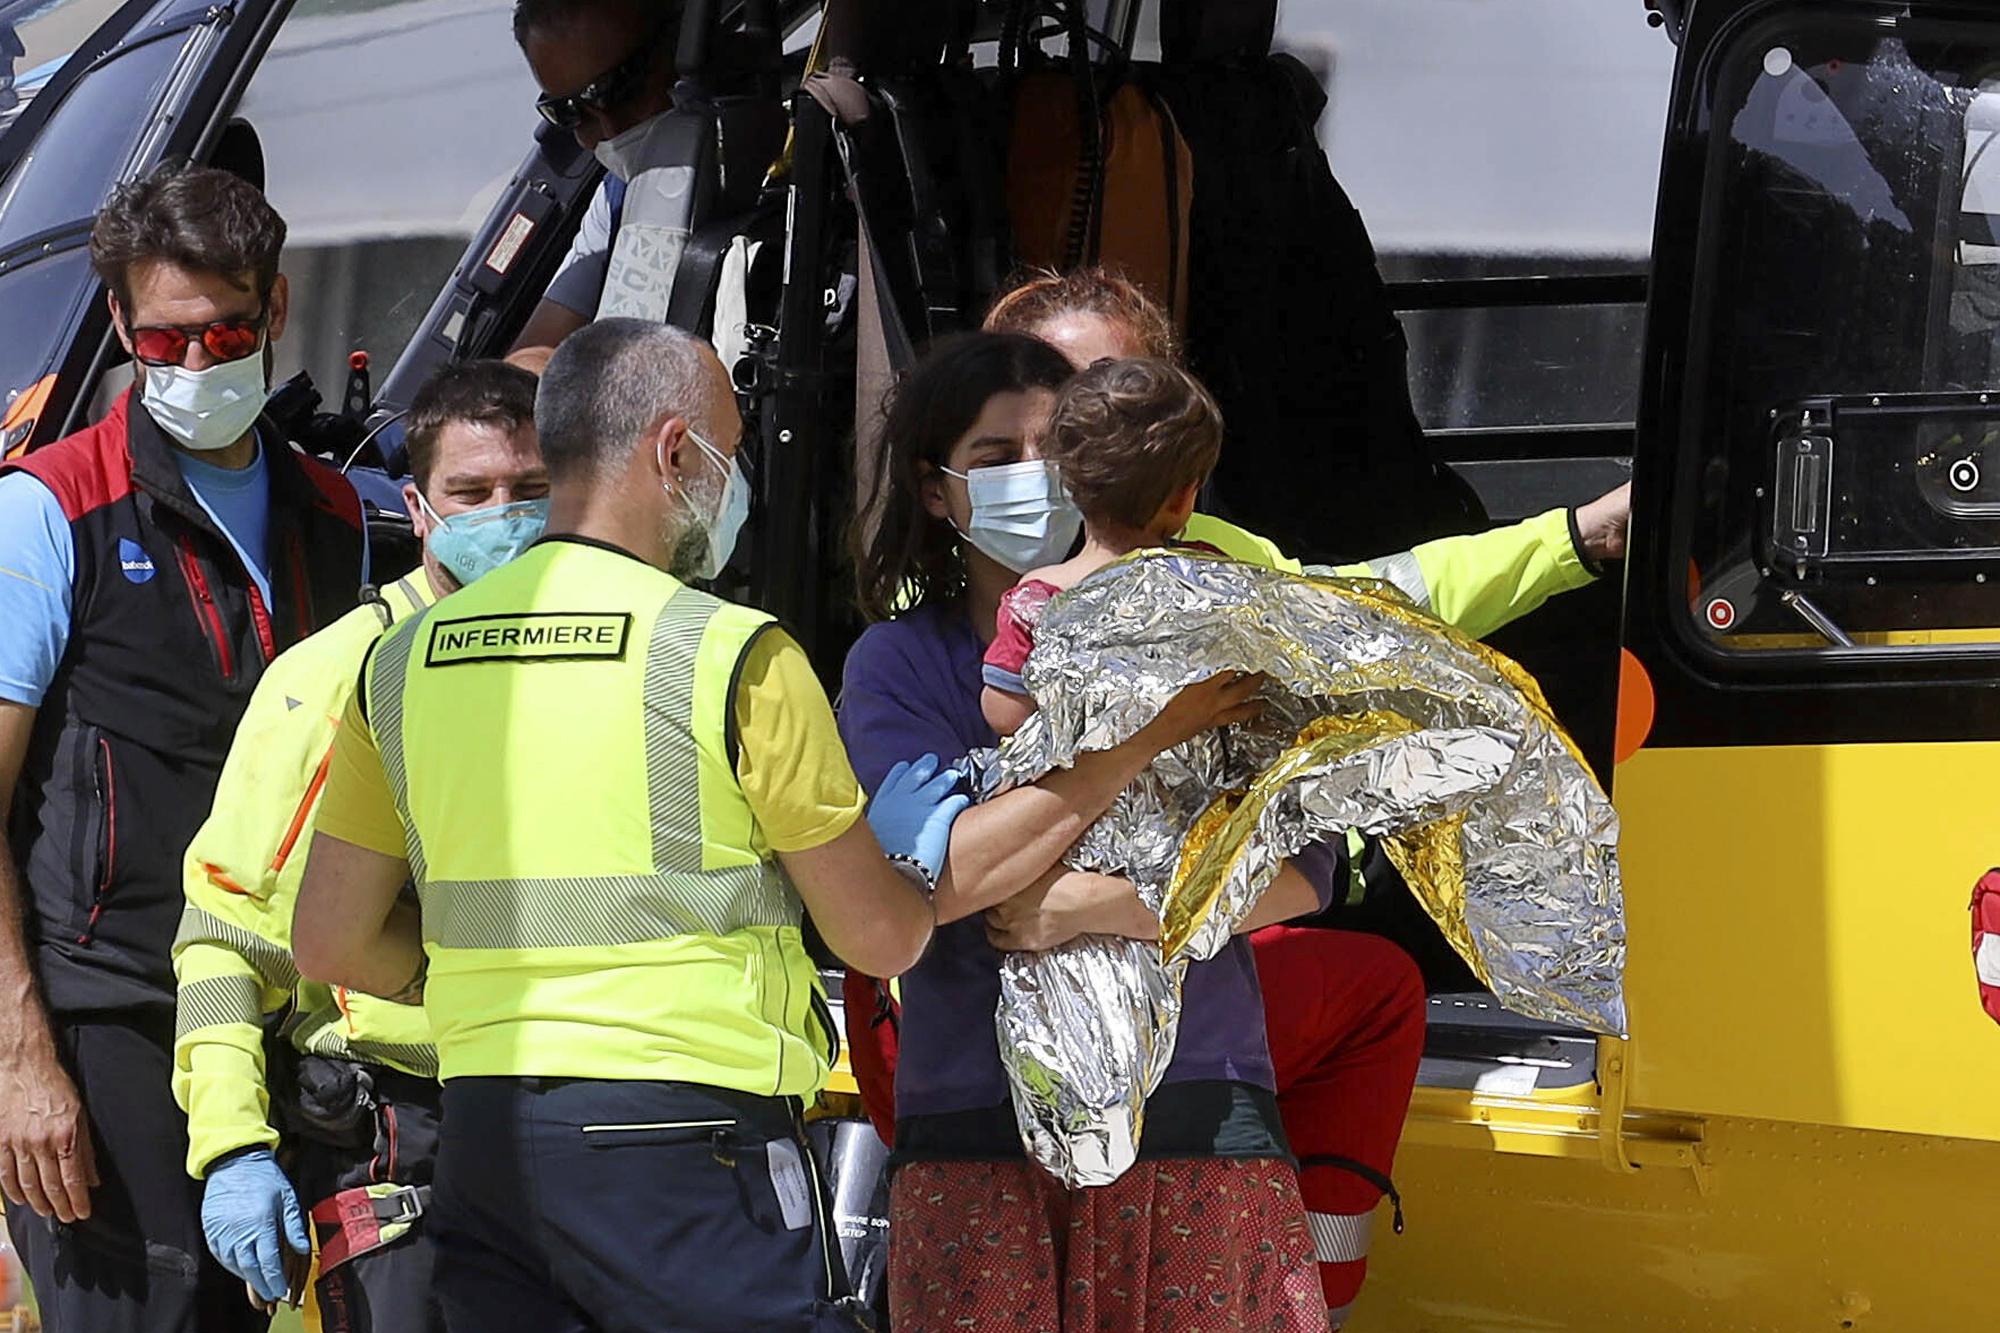 El pequeño Nicola es trasladado al hospital tras su rescate.